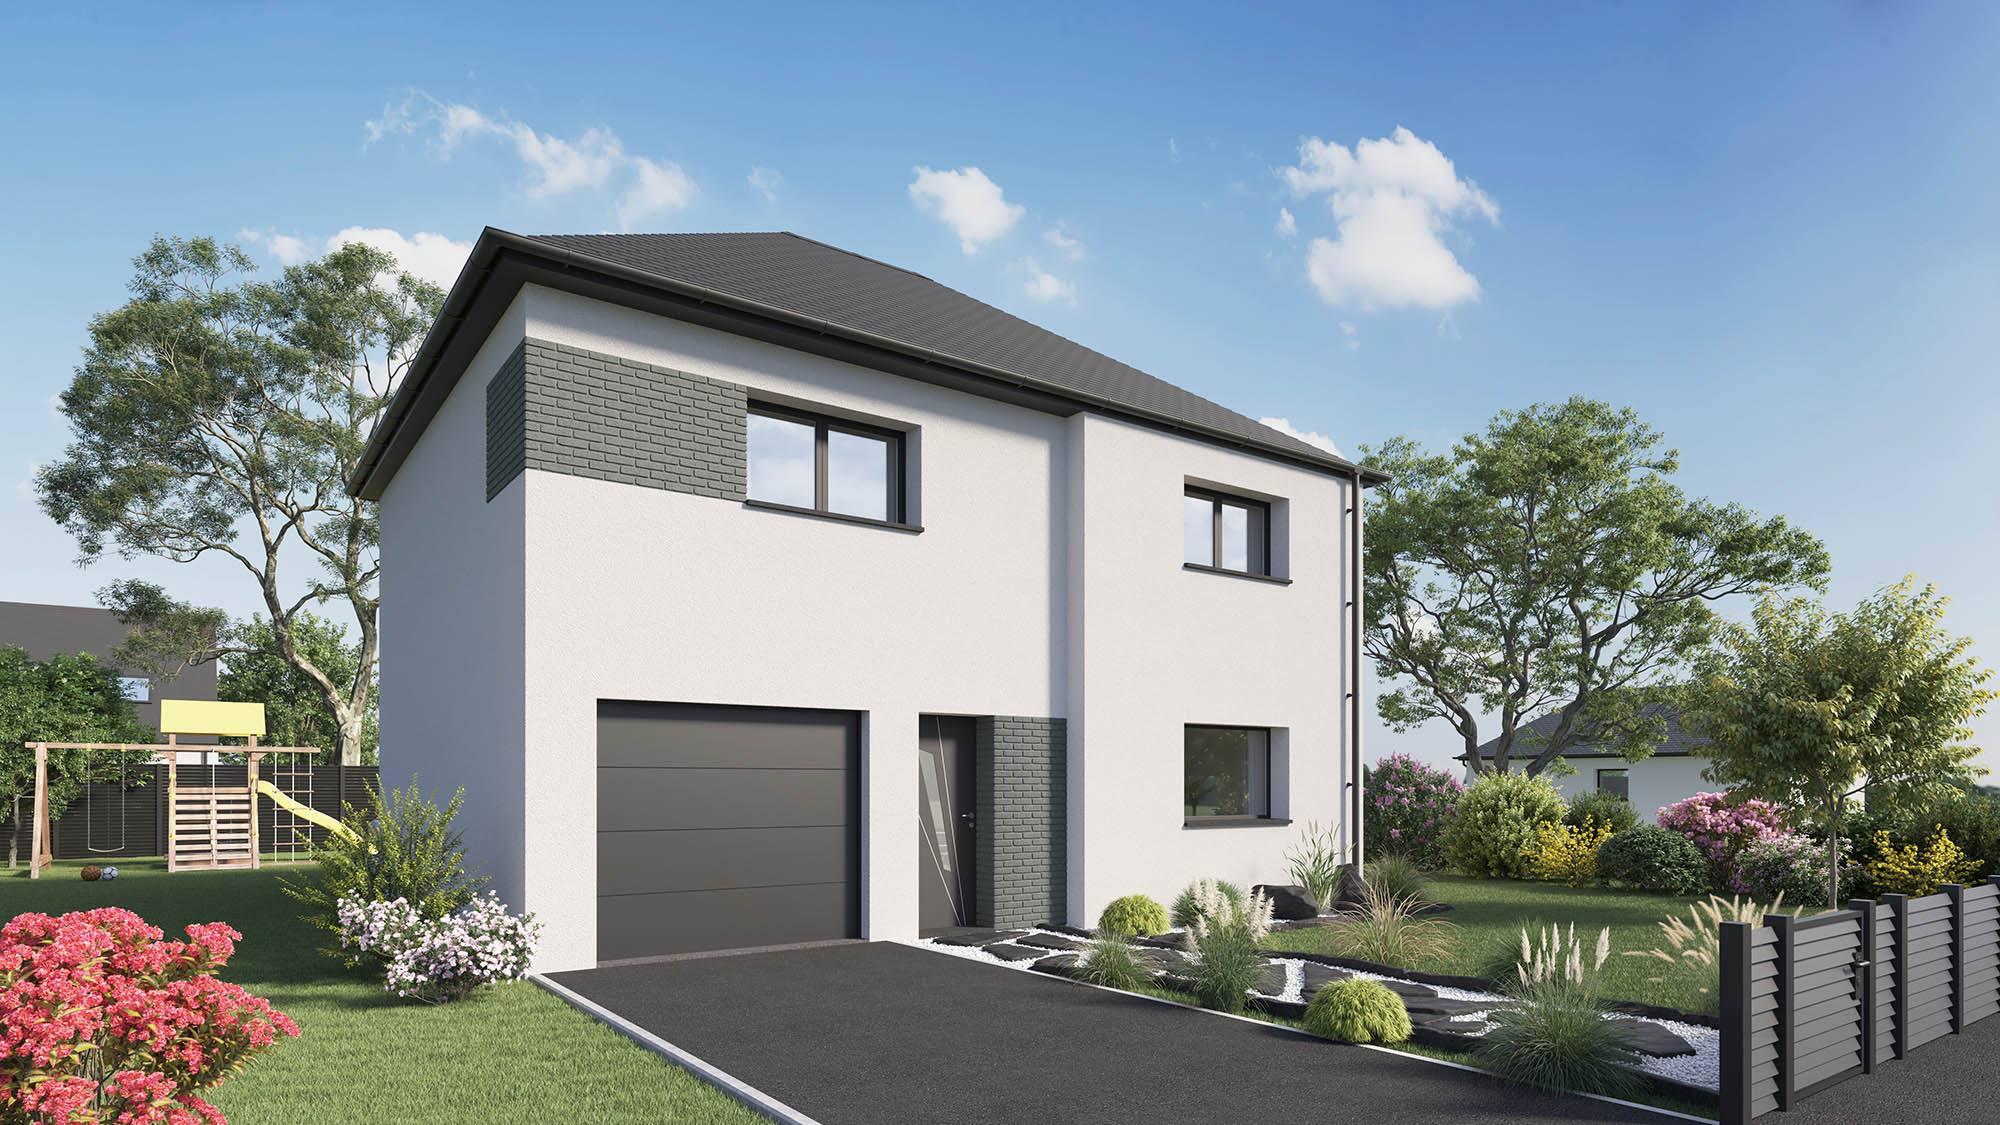 Maisons + Terrains du constructeur MAISON CASTOR REIMS • 116 m² • CORMICY